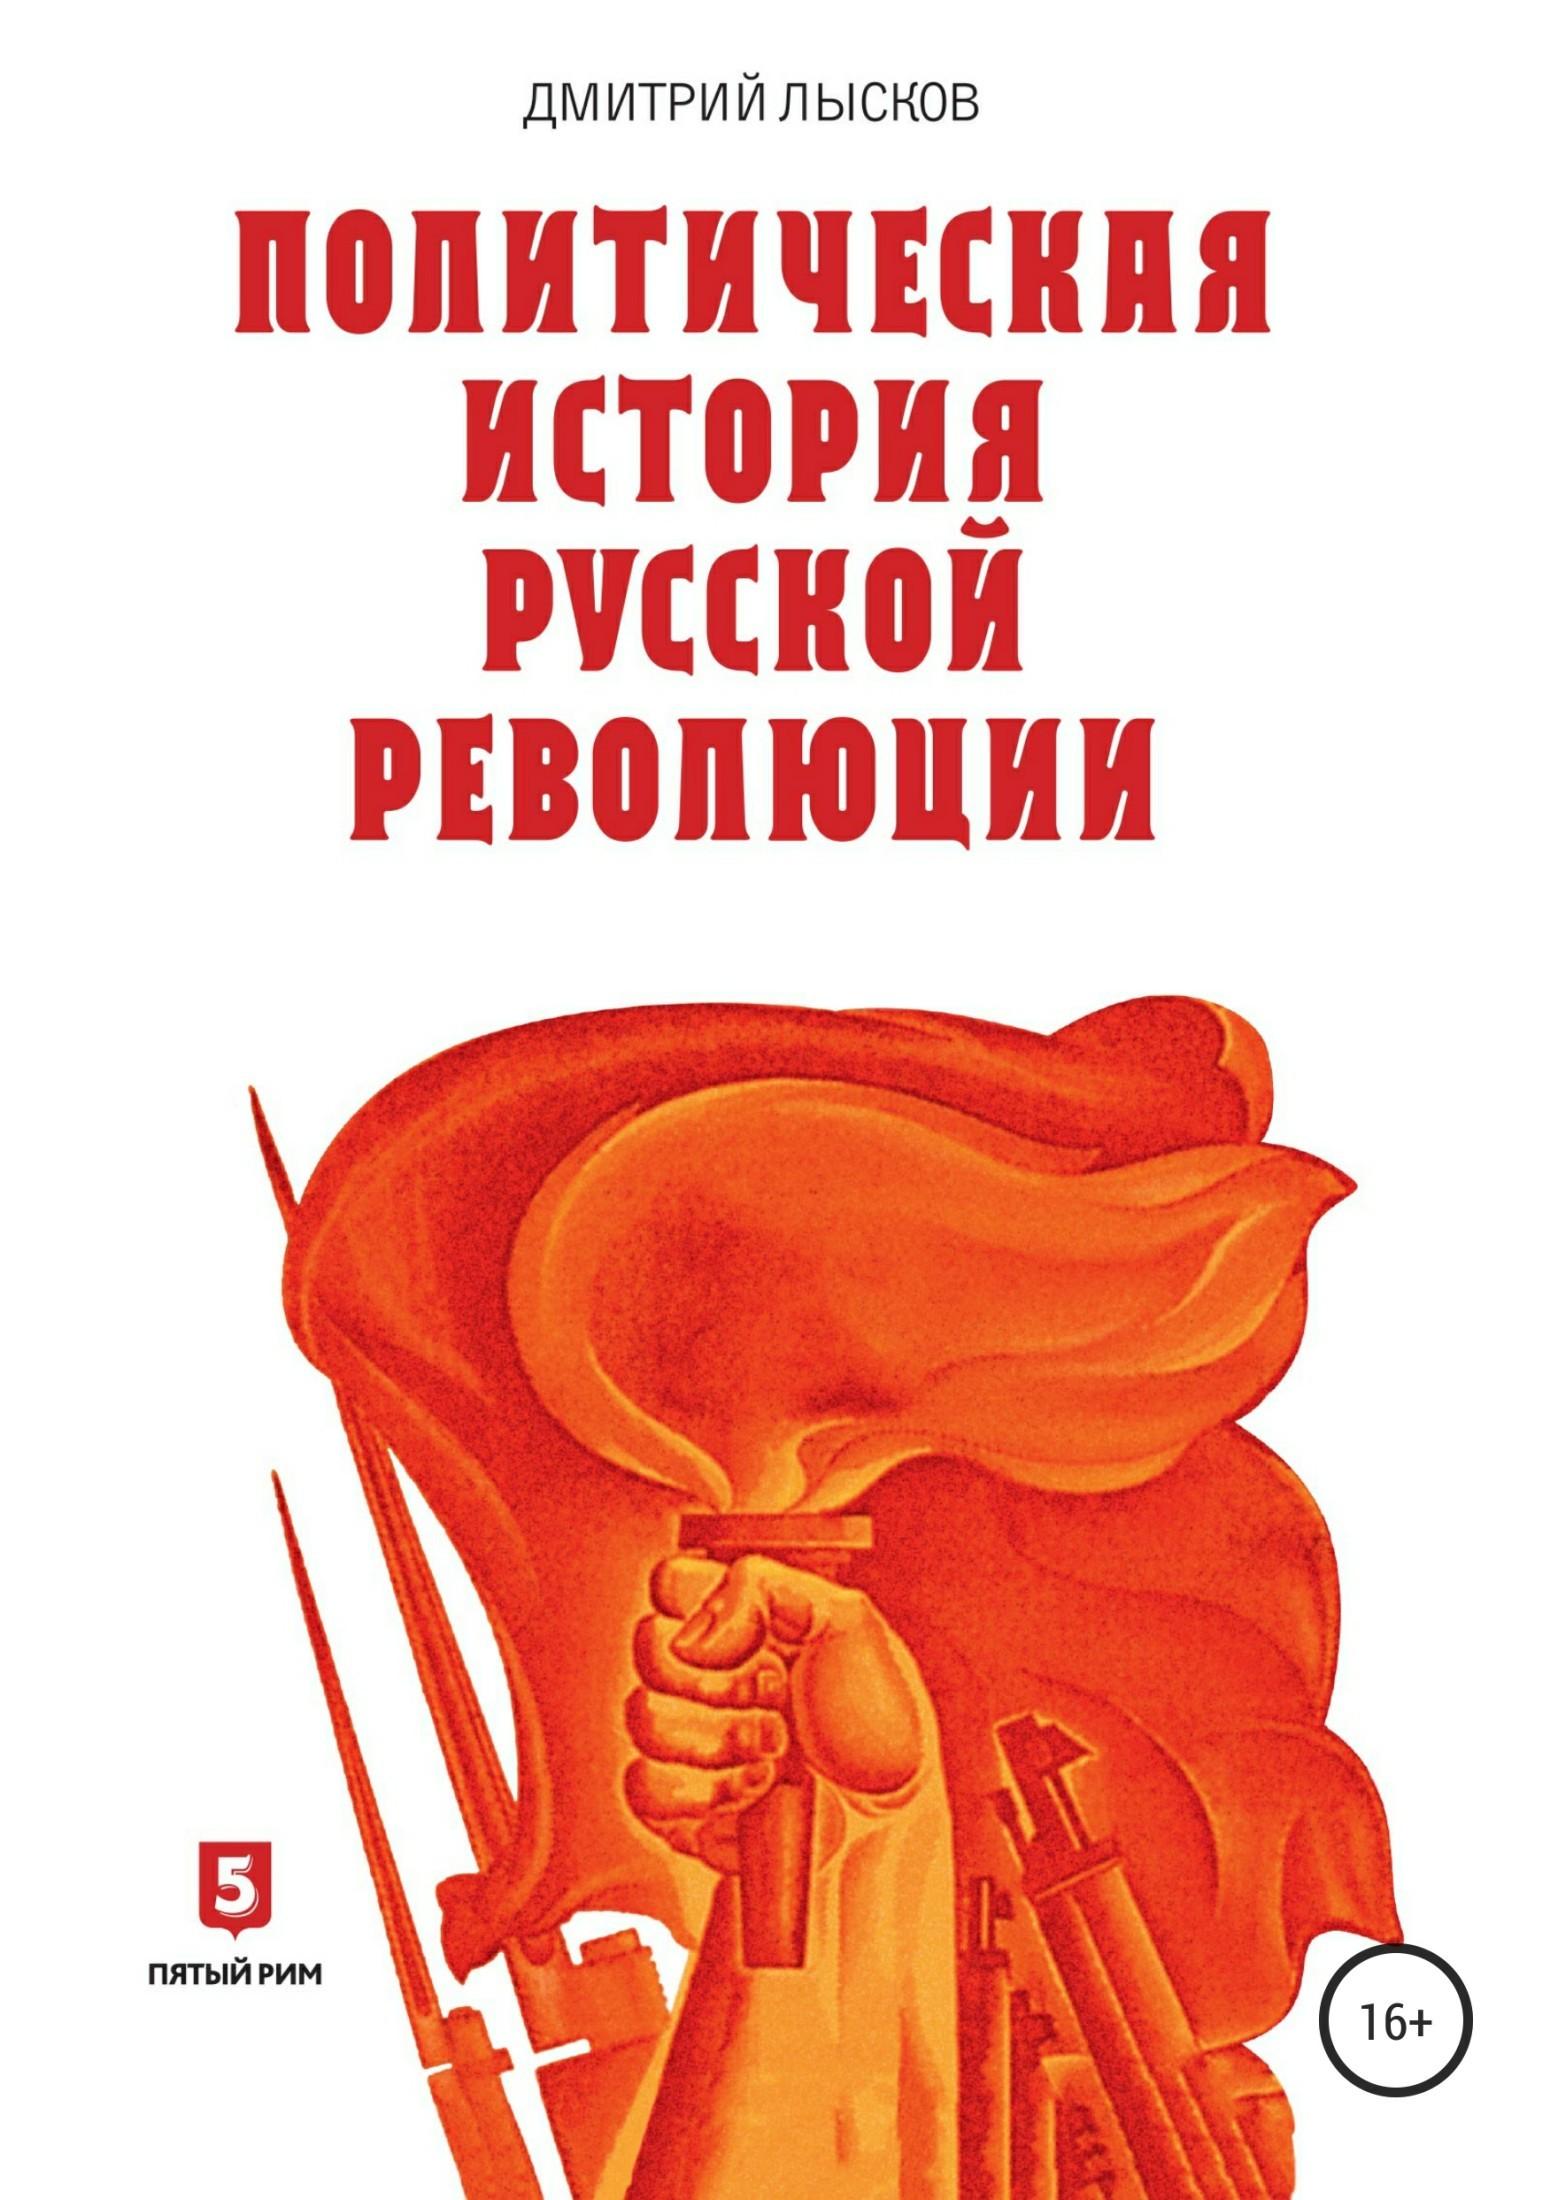 Дмитрий Лысков. Политическая история Русской революции